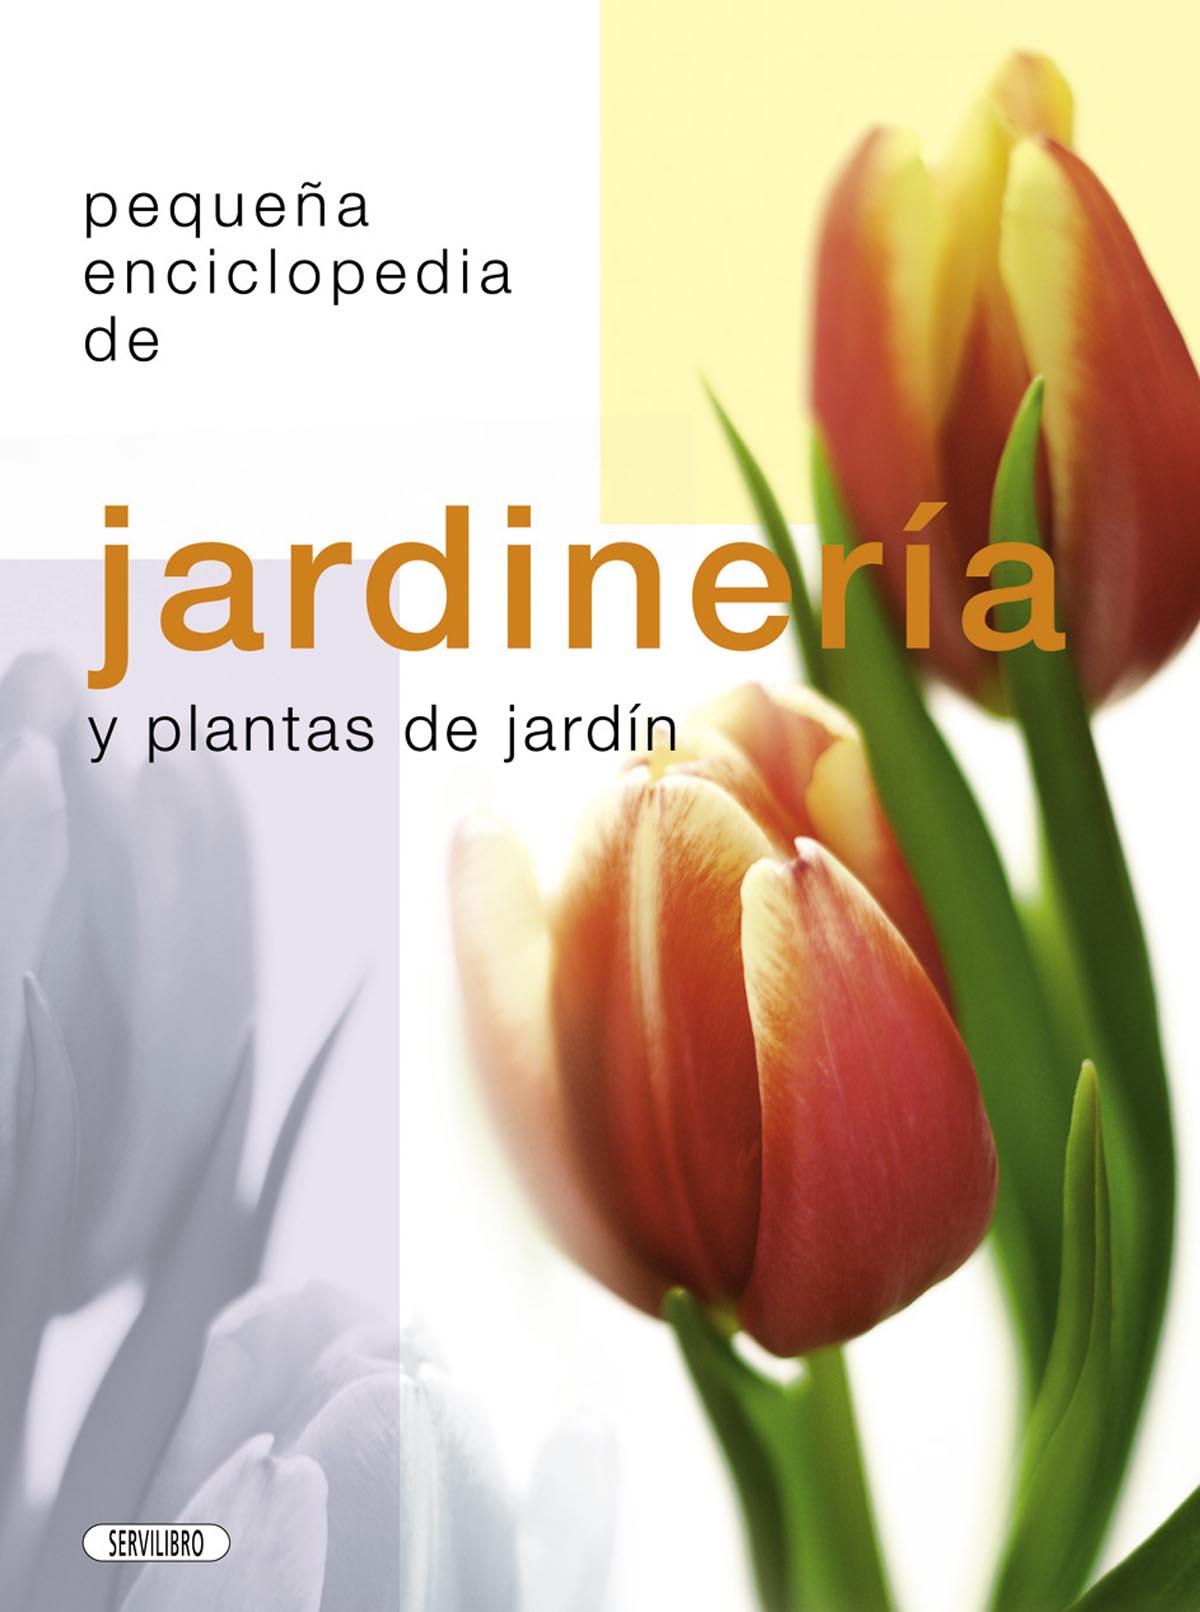 Jardiner a libros servilibro ediciones jardiner a y for Jardineria y plantas